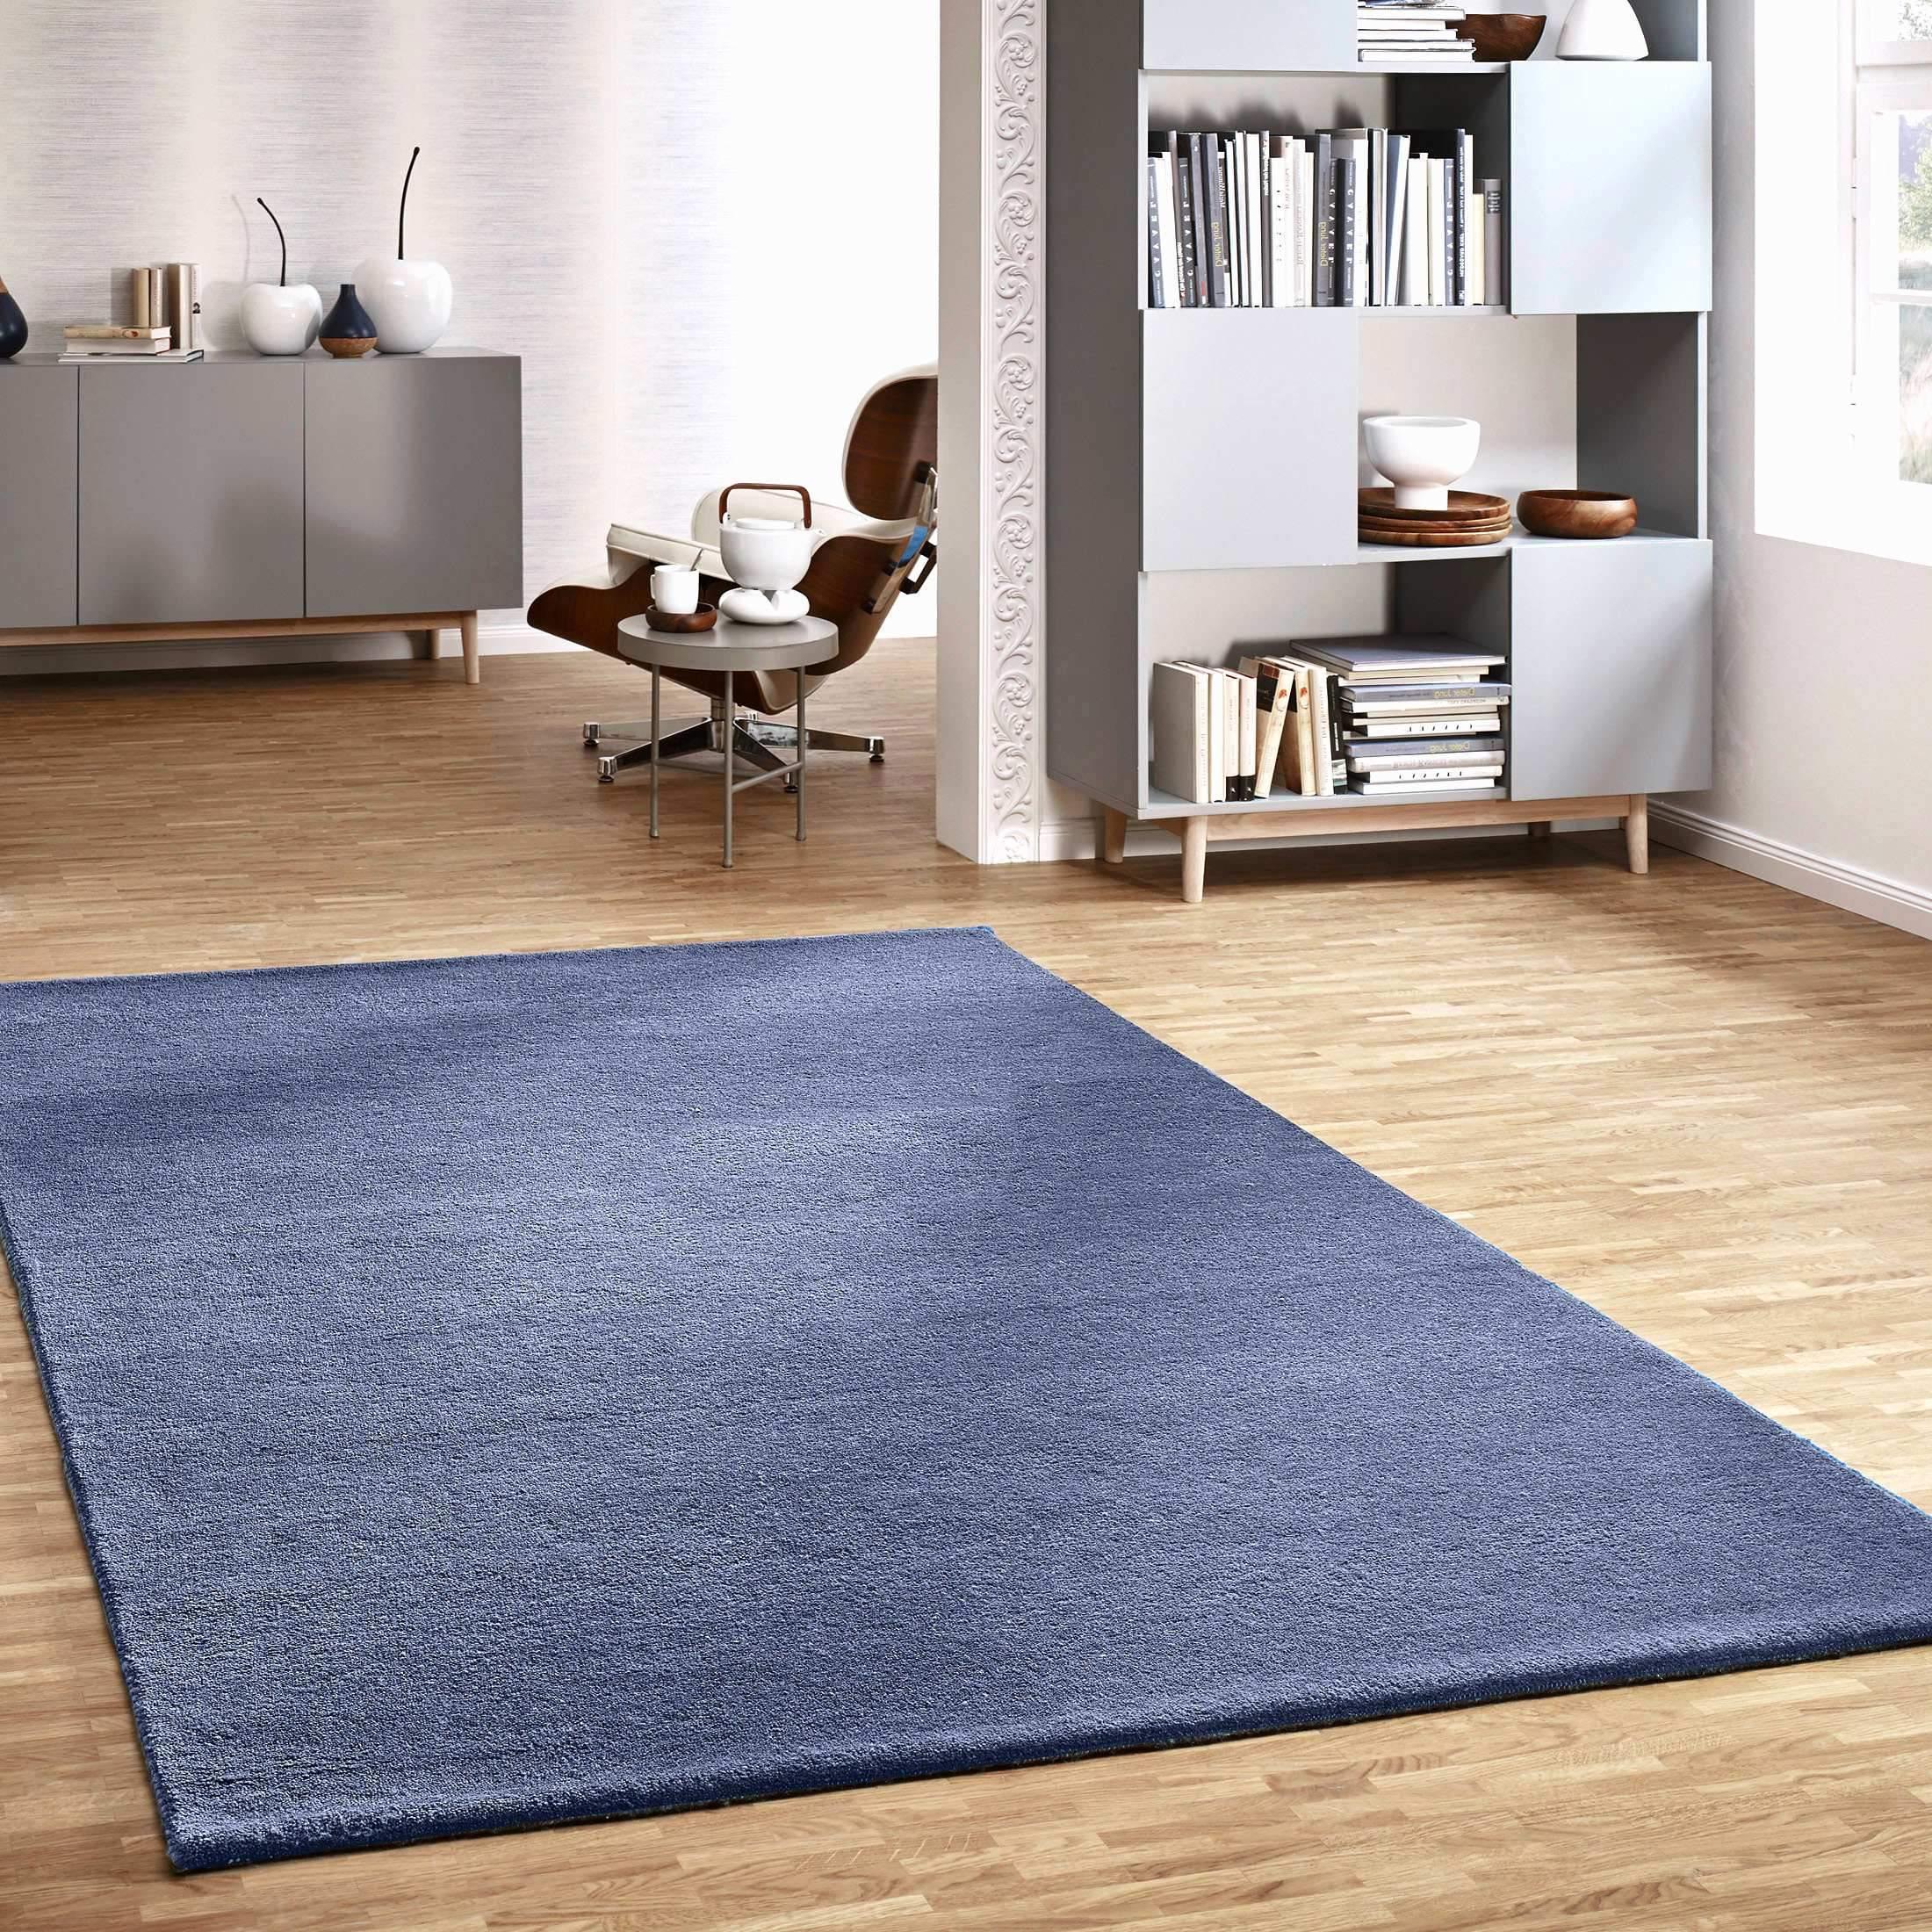 Full Size of Wohnzimmer Teppich Modern Genial Reizend Wohnzimmer Teppich Wohnzimmer Wohnzimmer Teppich